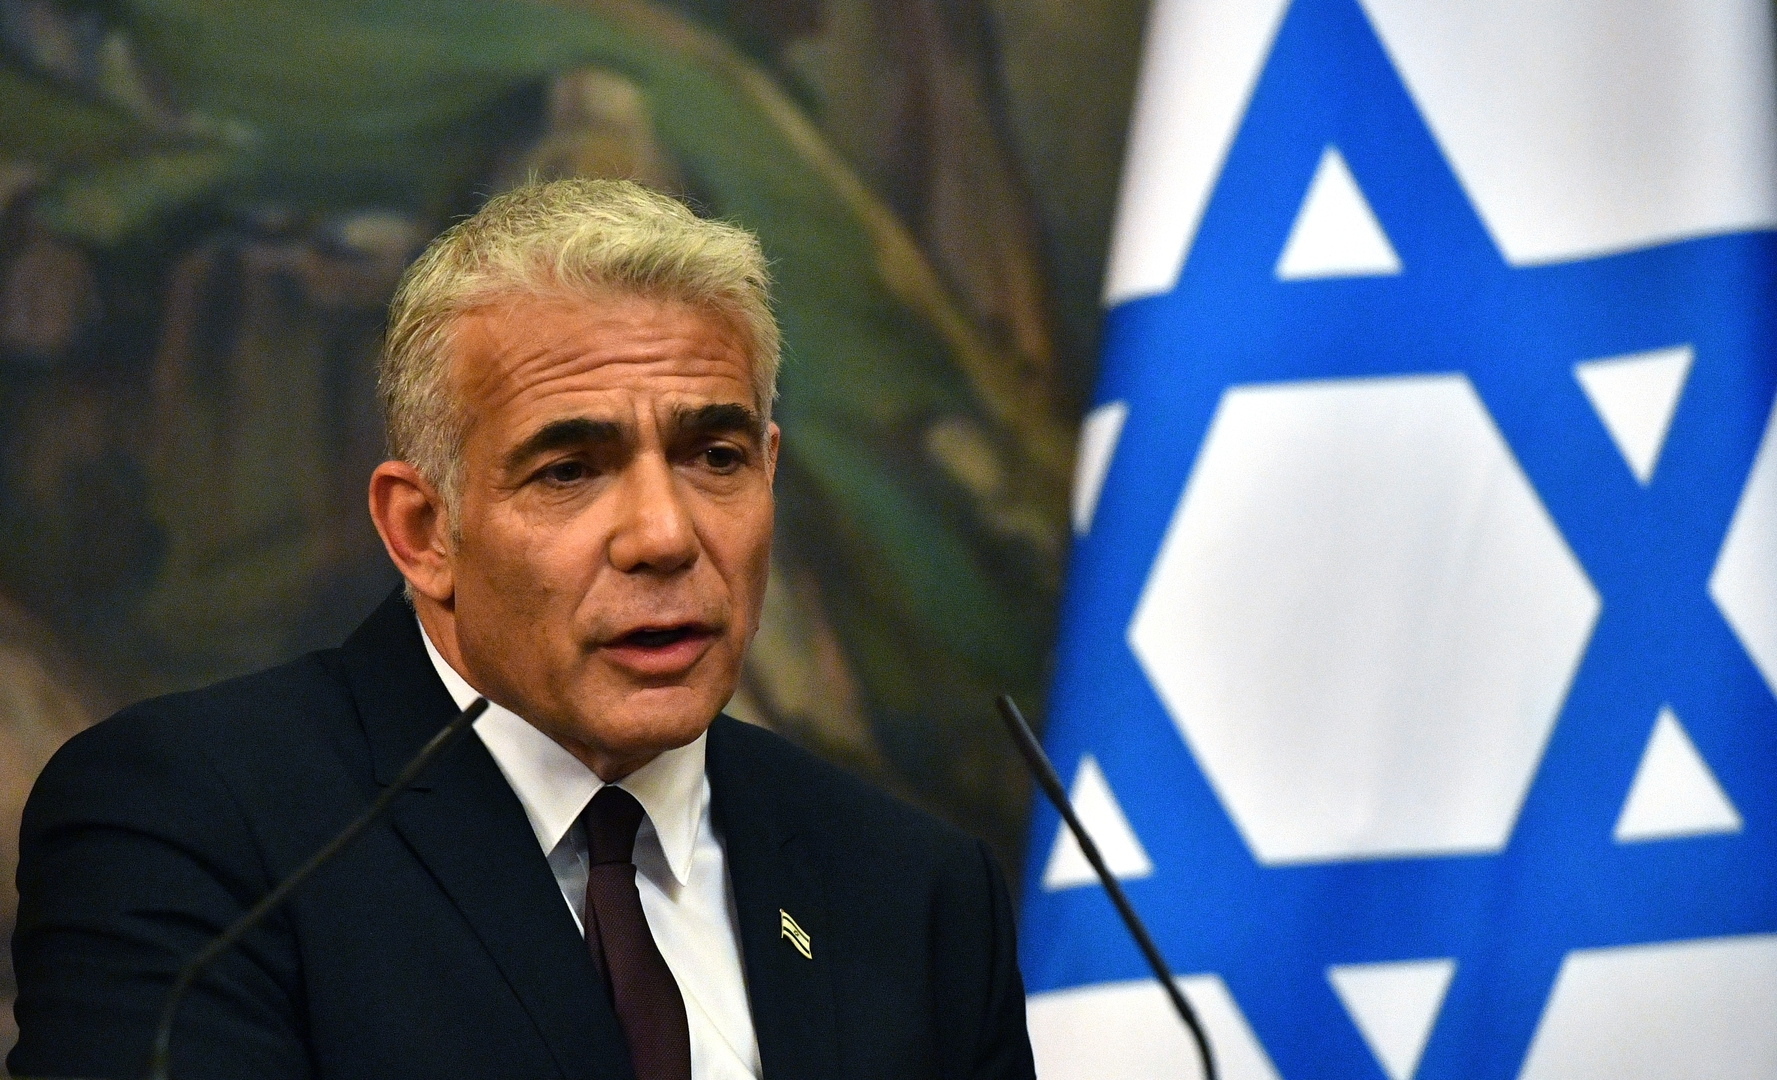 وزير الخارجية الإسرائيلي يعلن استئناف العلاقات مع السويد بعد تأزمها